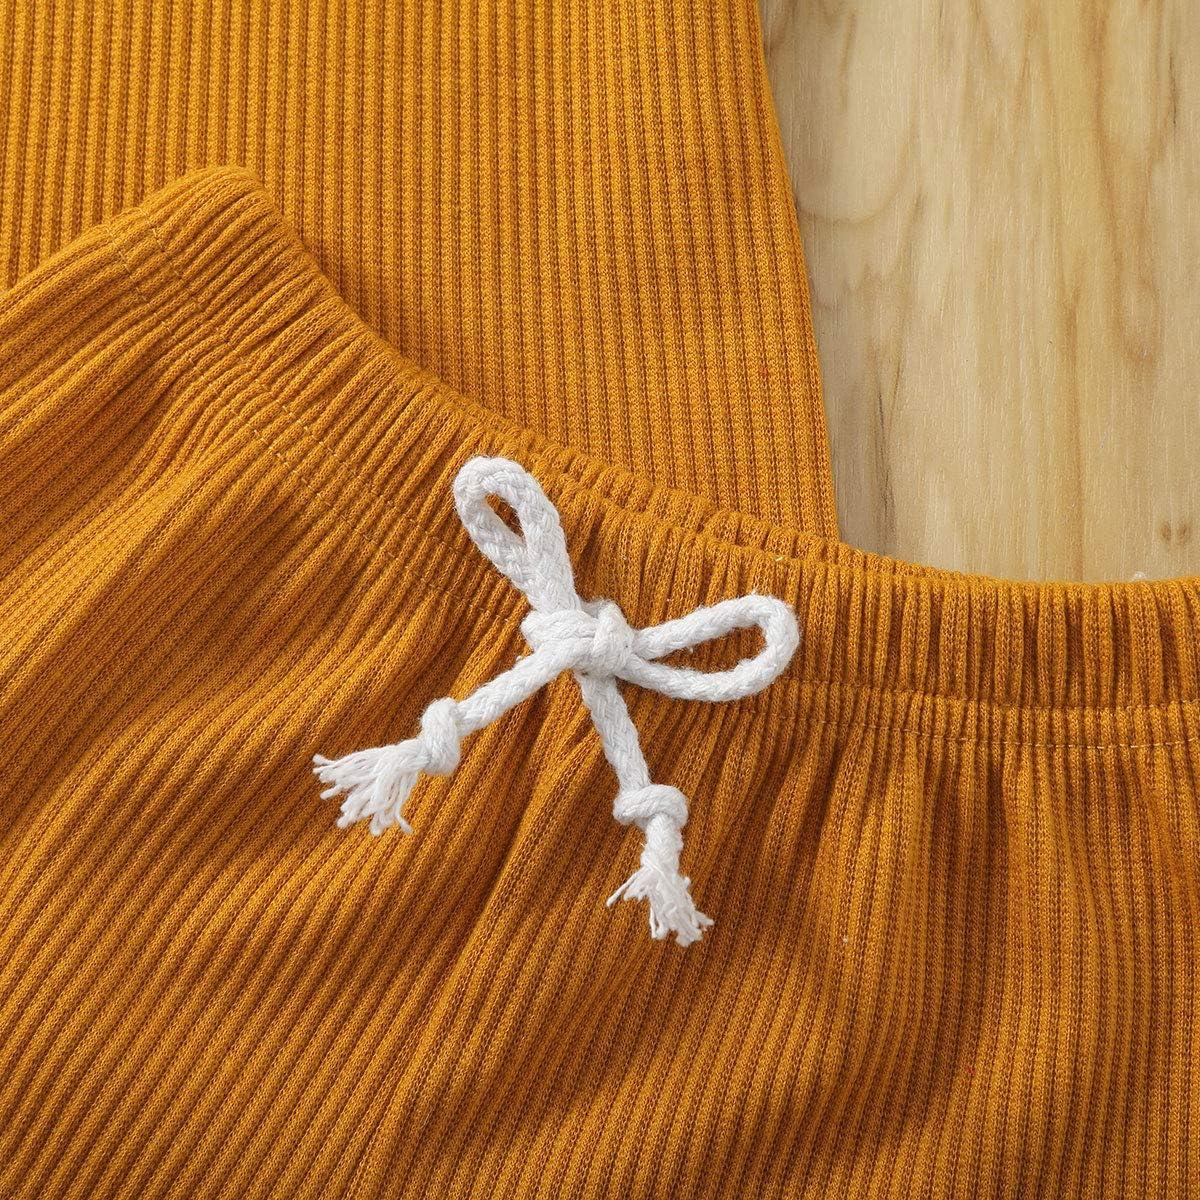 pantaloni corti con cravatta in vita girocollo LIjieganxin Completo estivo per bambina a maniche corte 2 pezzi corti per bambine maglietta